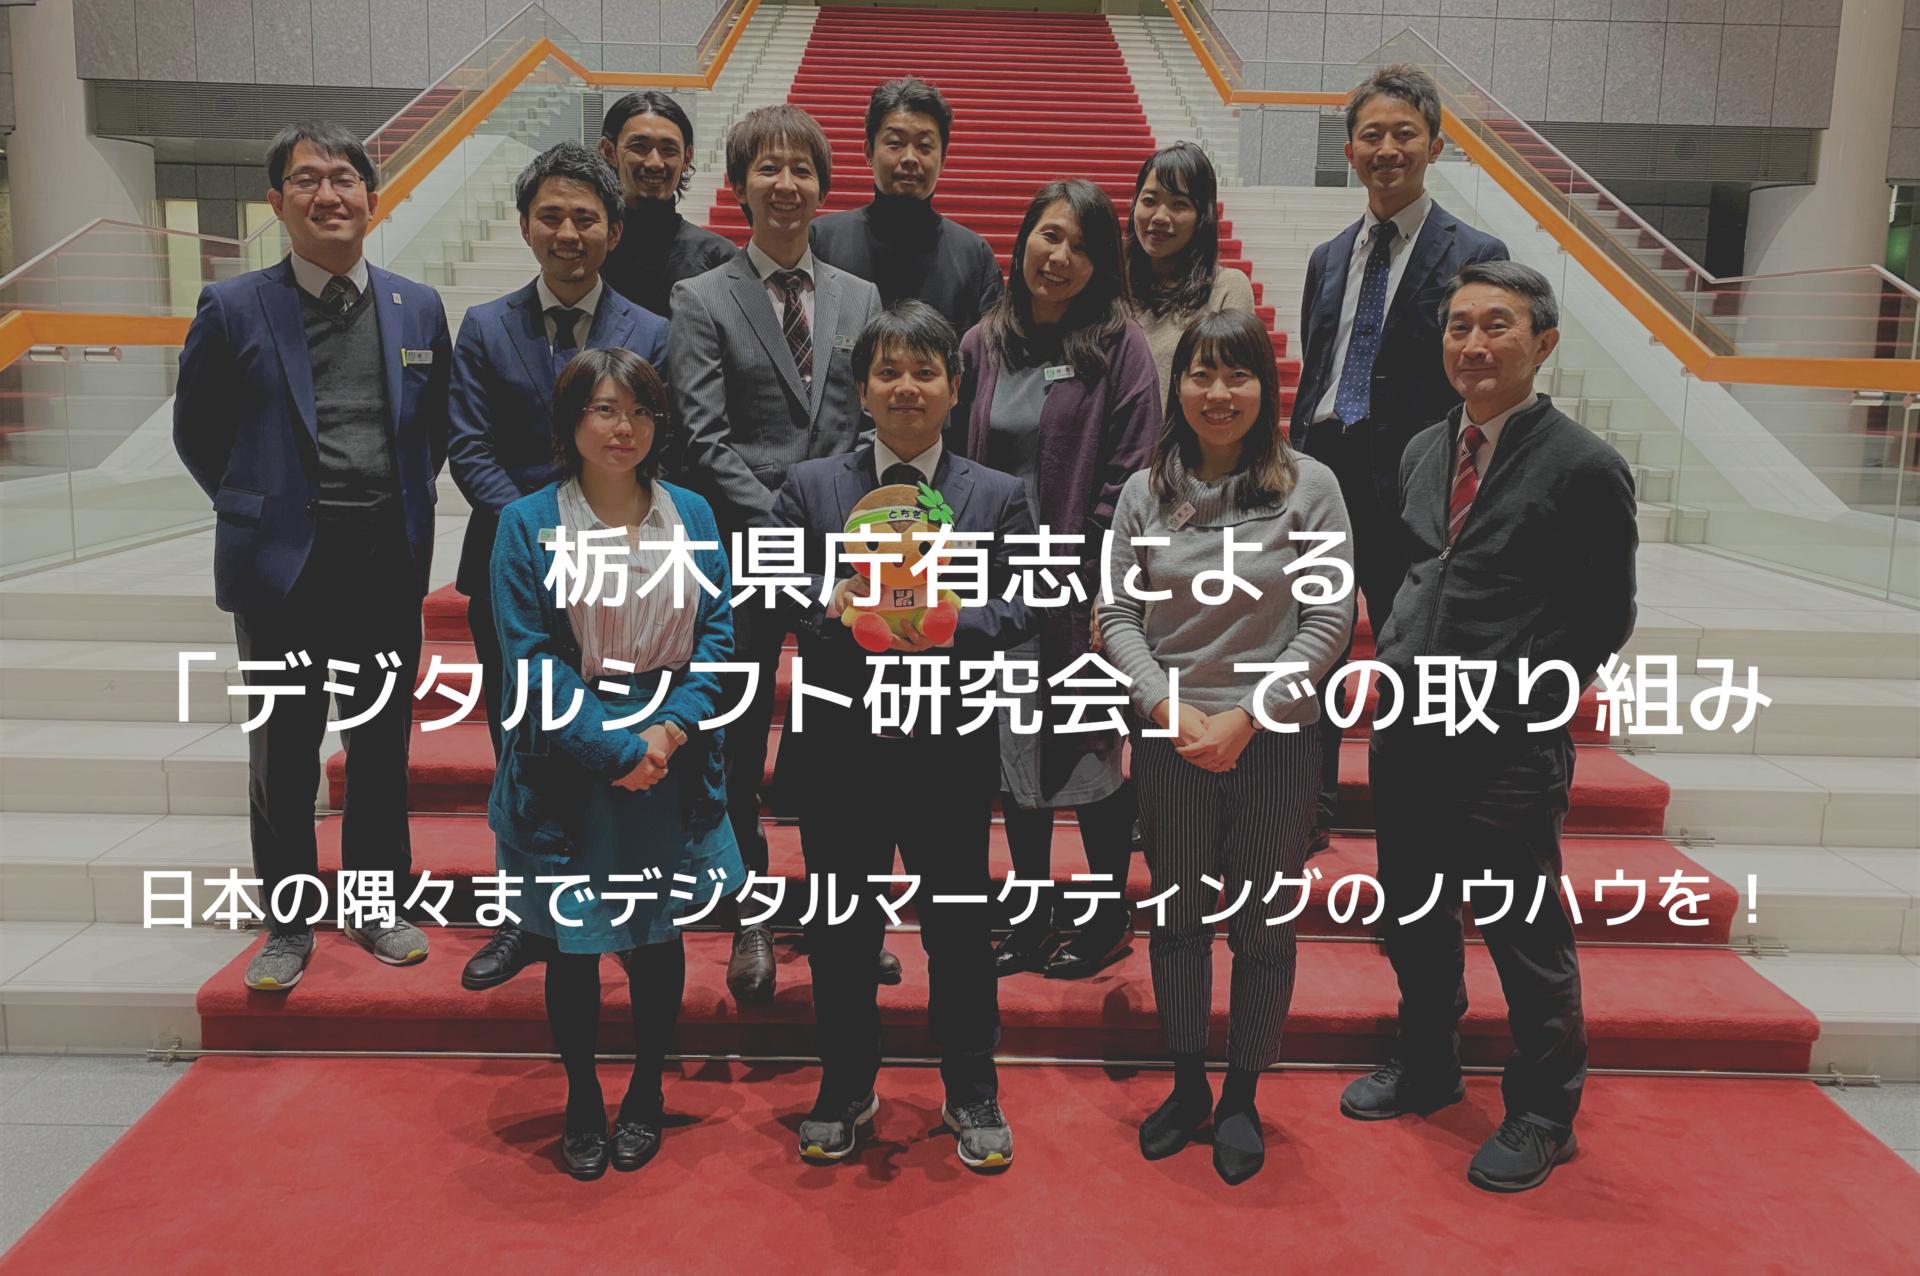 事例紹介:栃木県庁「デジタルシフト研究会」での取り組み